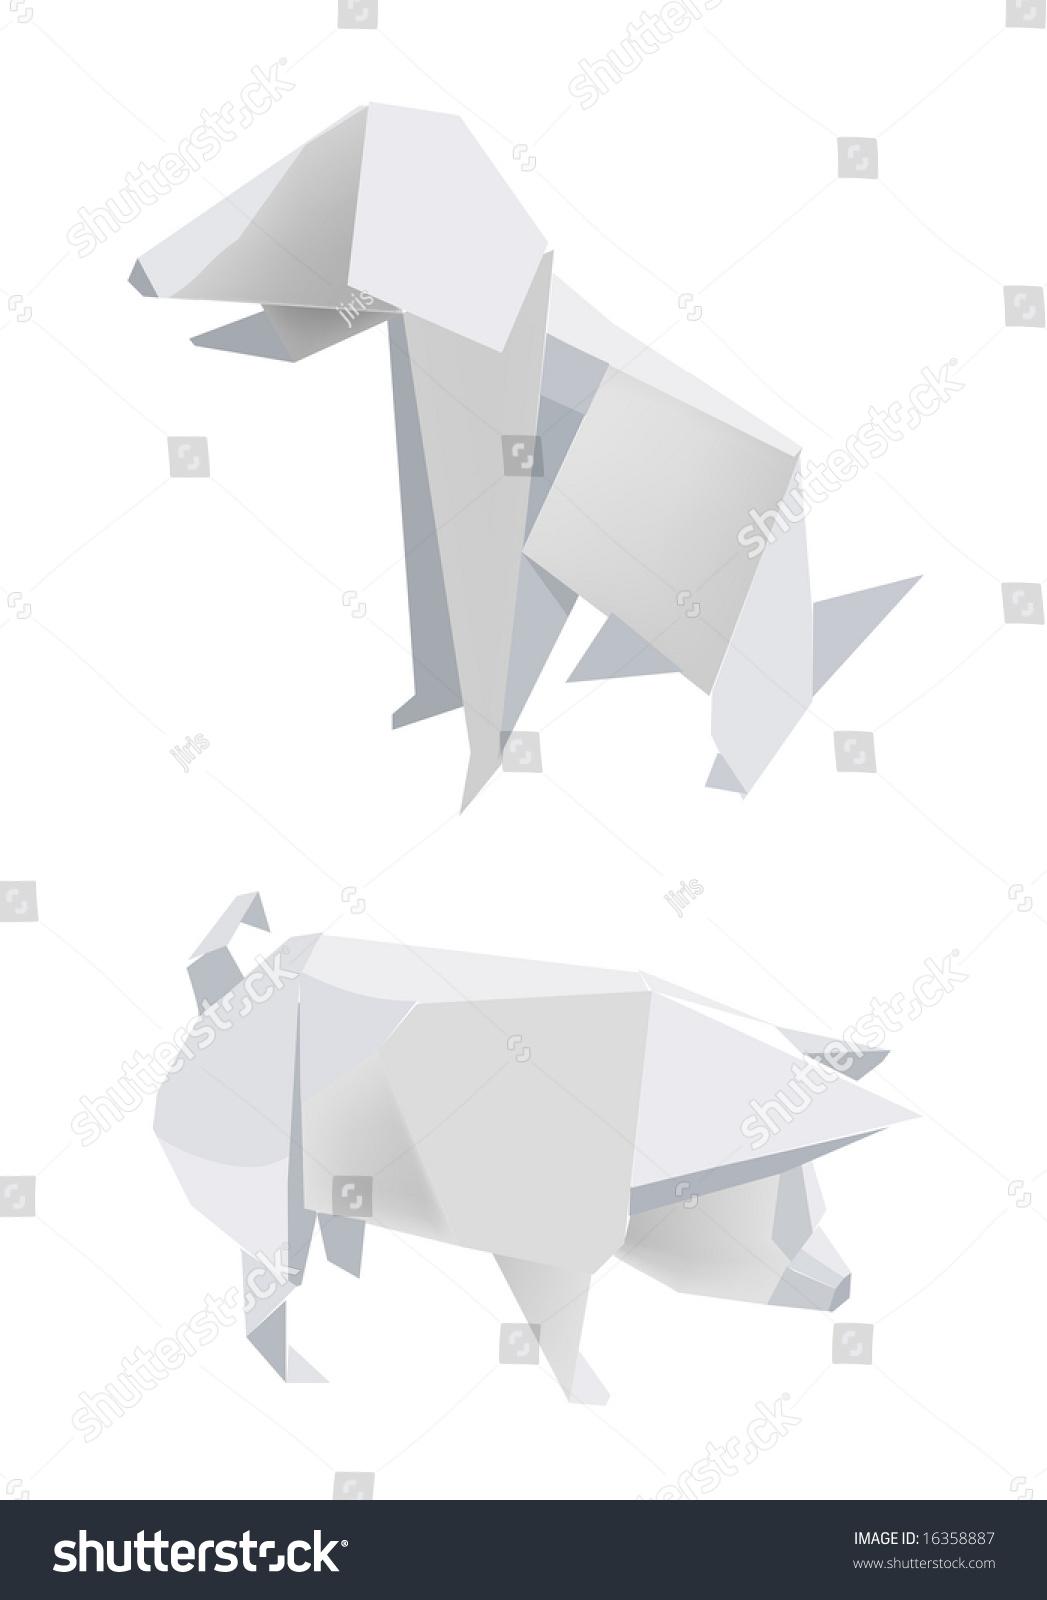 Illustration folded paper models pig dog stock vector 16358887 illustration of folded paper models pig and dog on white background vector illustration pooptronica